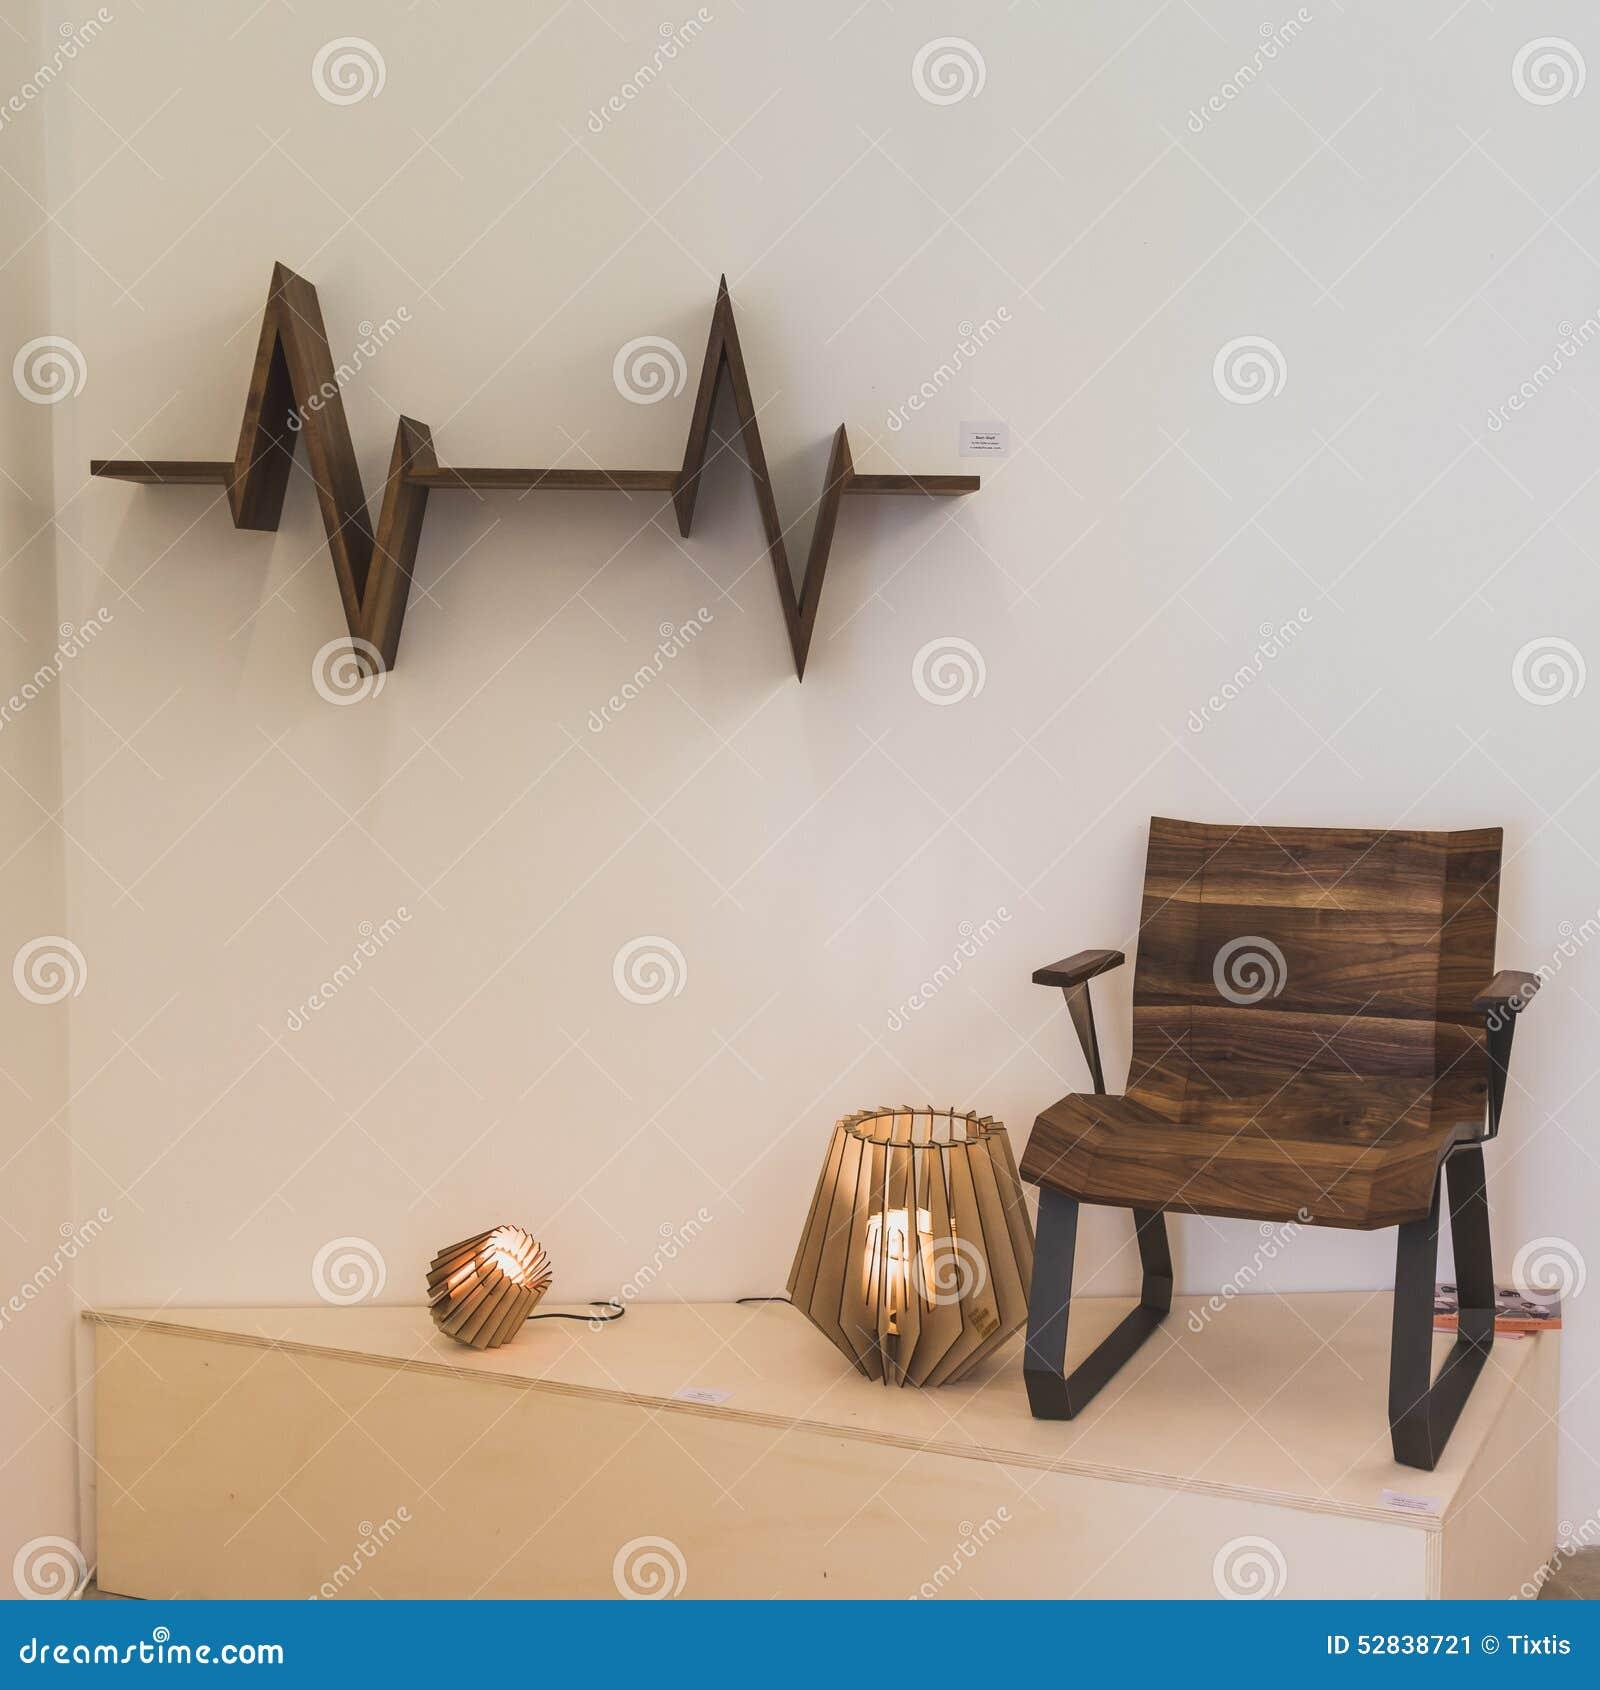 Furniture Display At Ventura Lambrate Space During